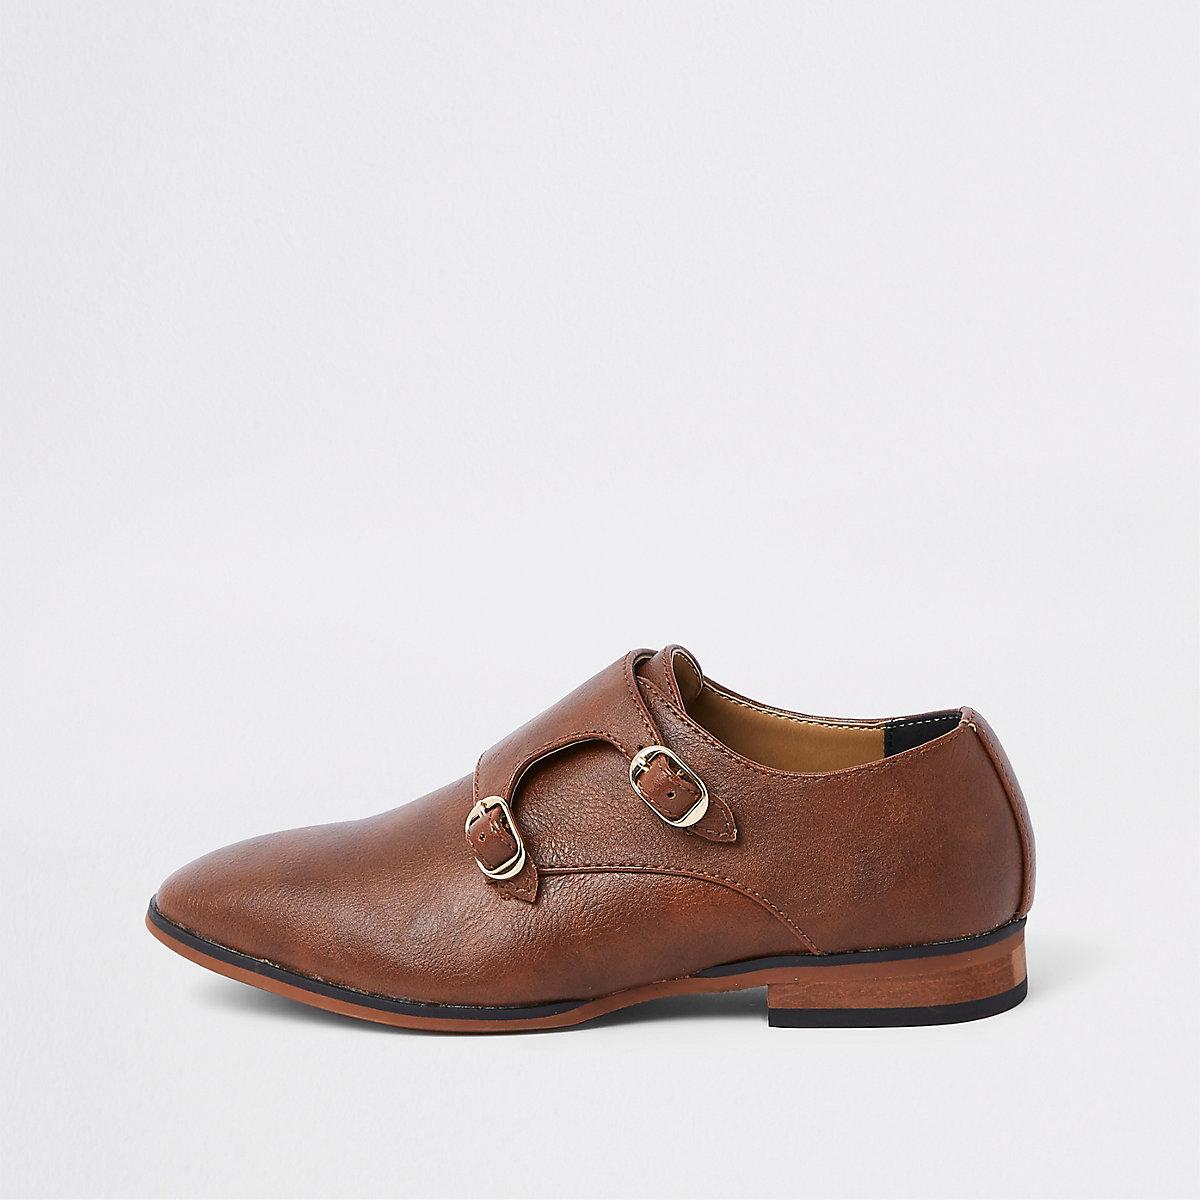 Braune, spitze Schuhe mit Riemen